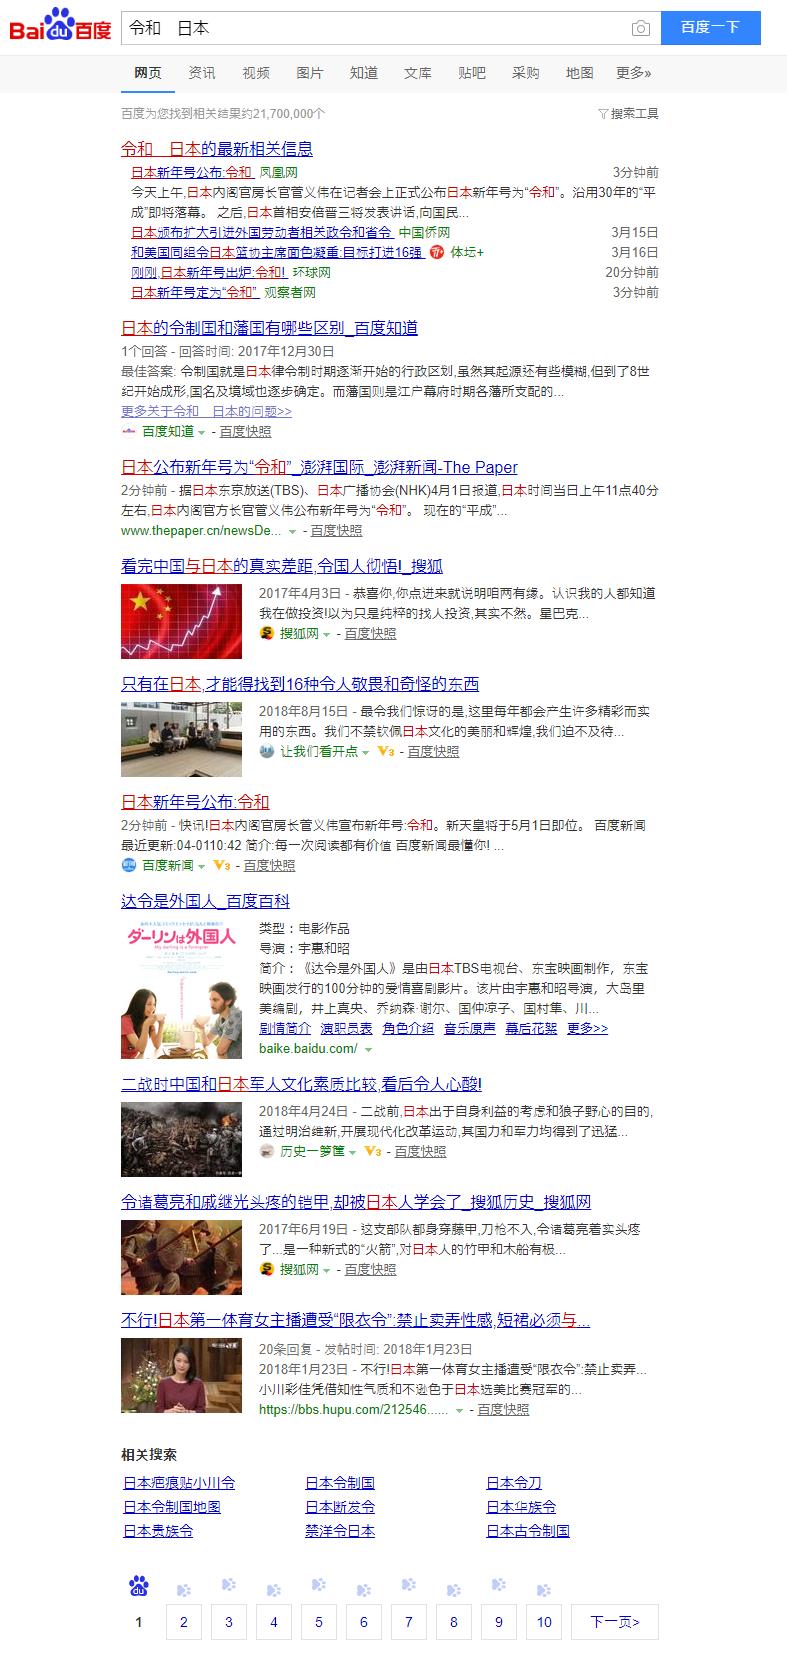 「令和 日本」4月1日11_45 (2)